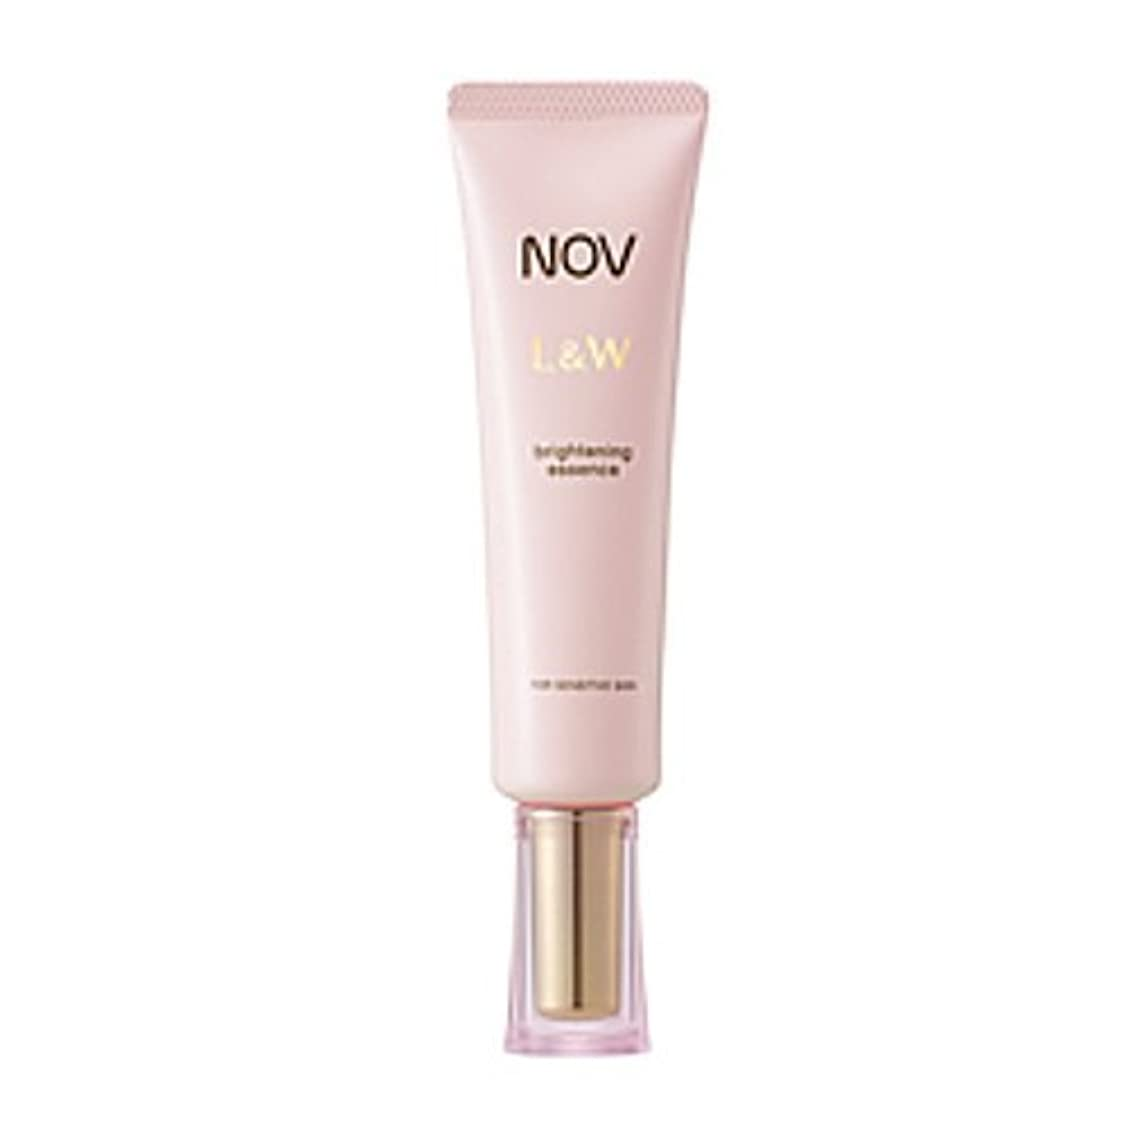 引き渡す仕事結核NOV L&W  ブライトニングエッセンス(医薬部外品)<30g>